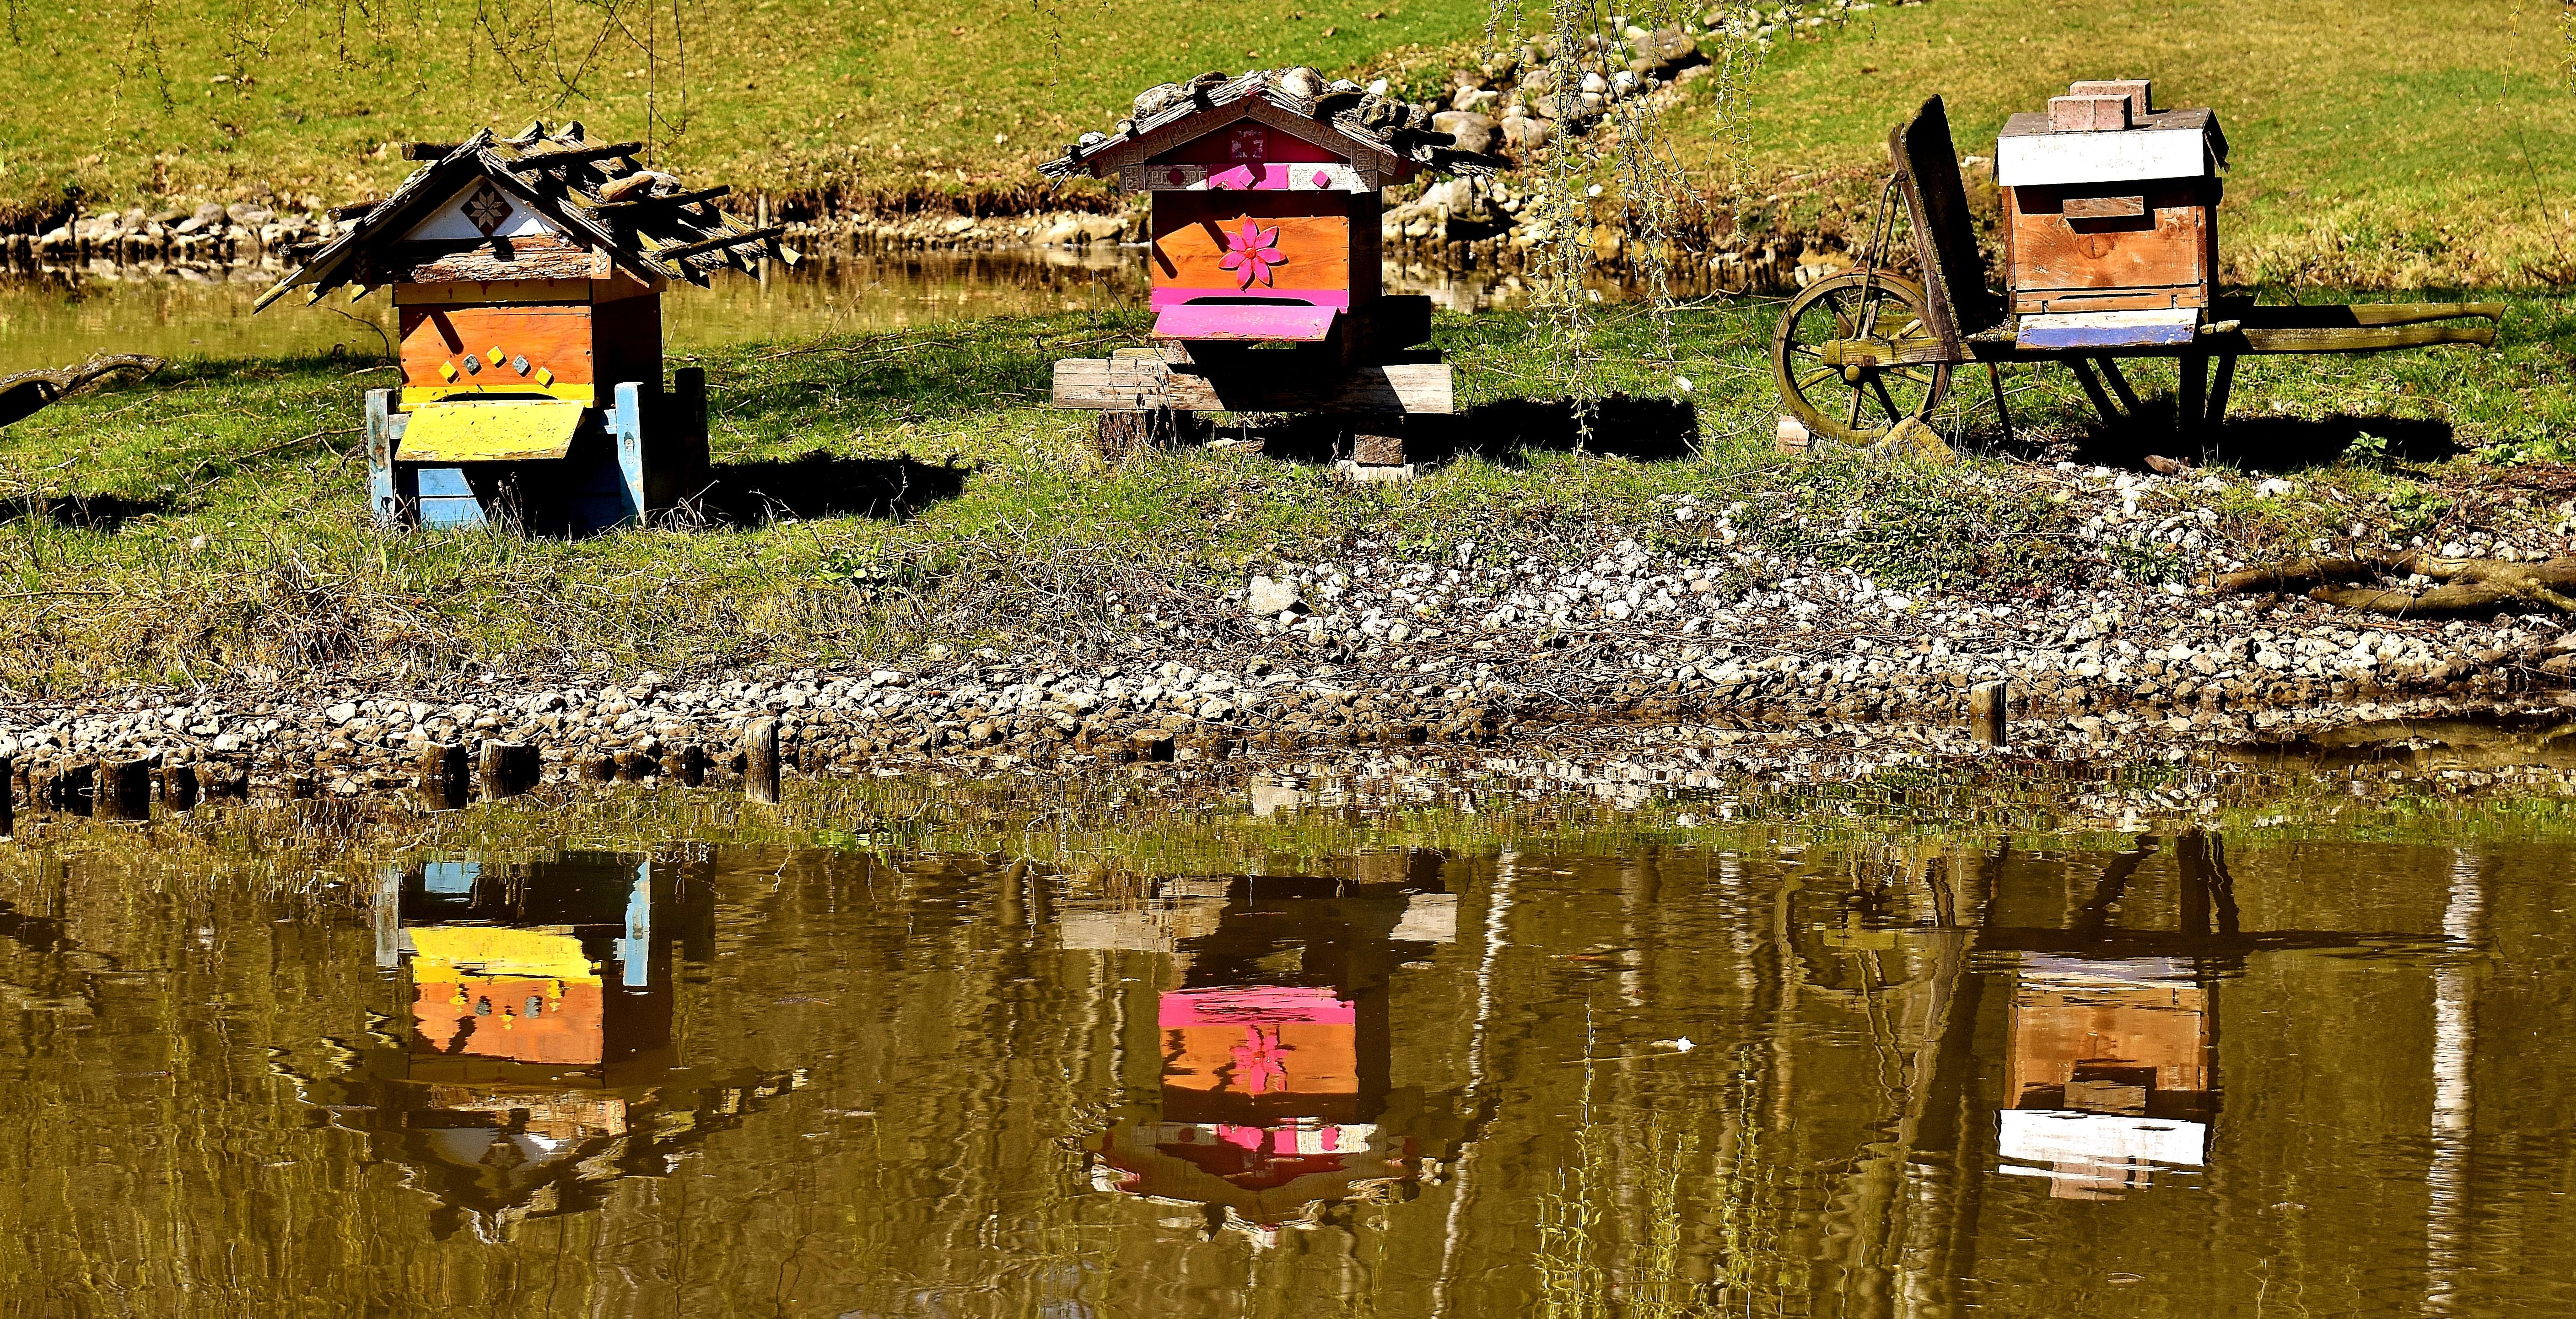 Images gratuites bois ferme l 39 automne bo te - Images d animaux sauvages gratuites ...